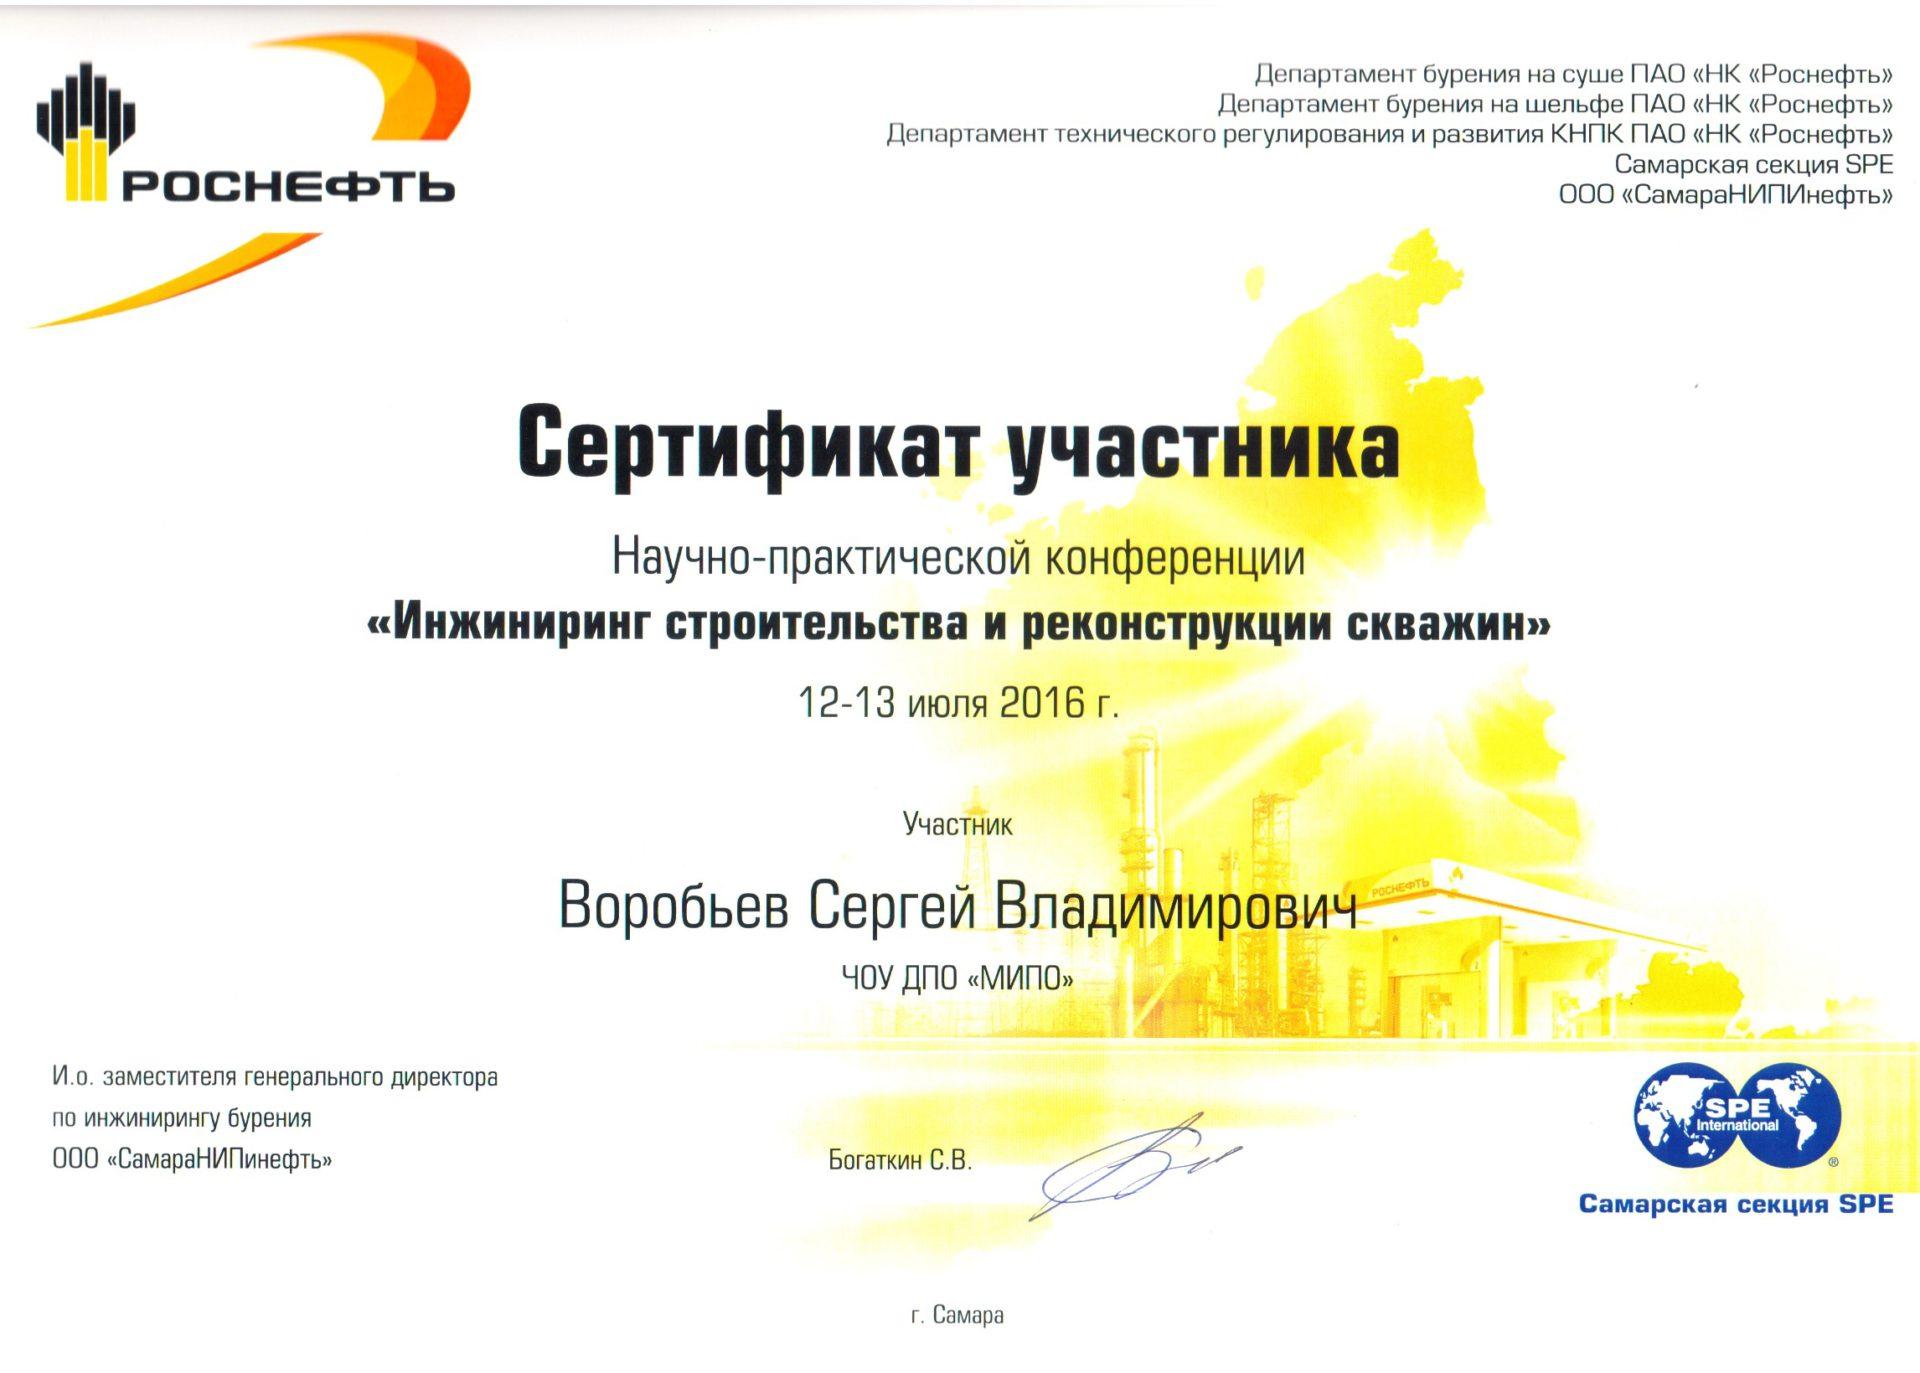 РОСНЕФТЬ сертификат